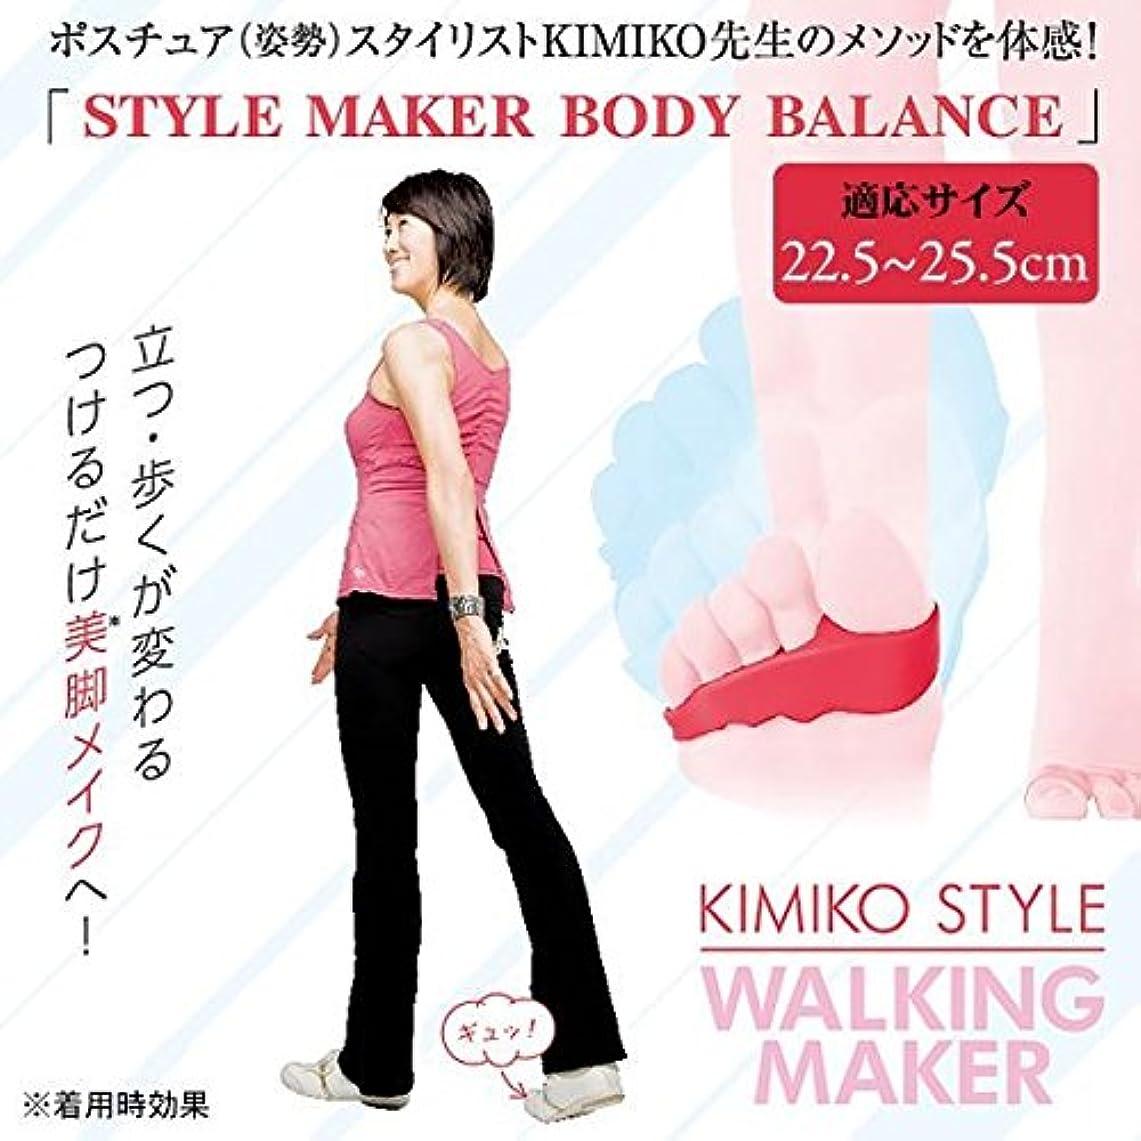 威する良さデータベースKIMIKO STYLE(キミコスタイル) WALKING MAKER(ウォーキングメーカー) 1足入